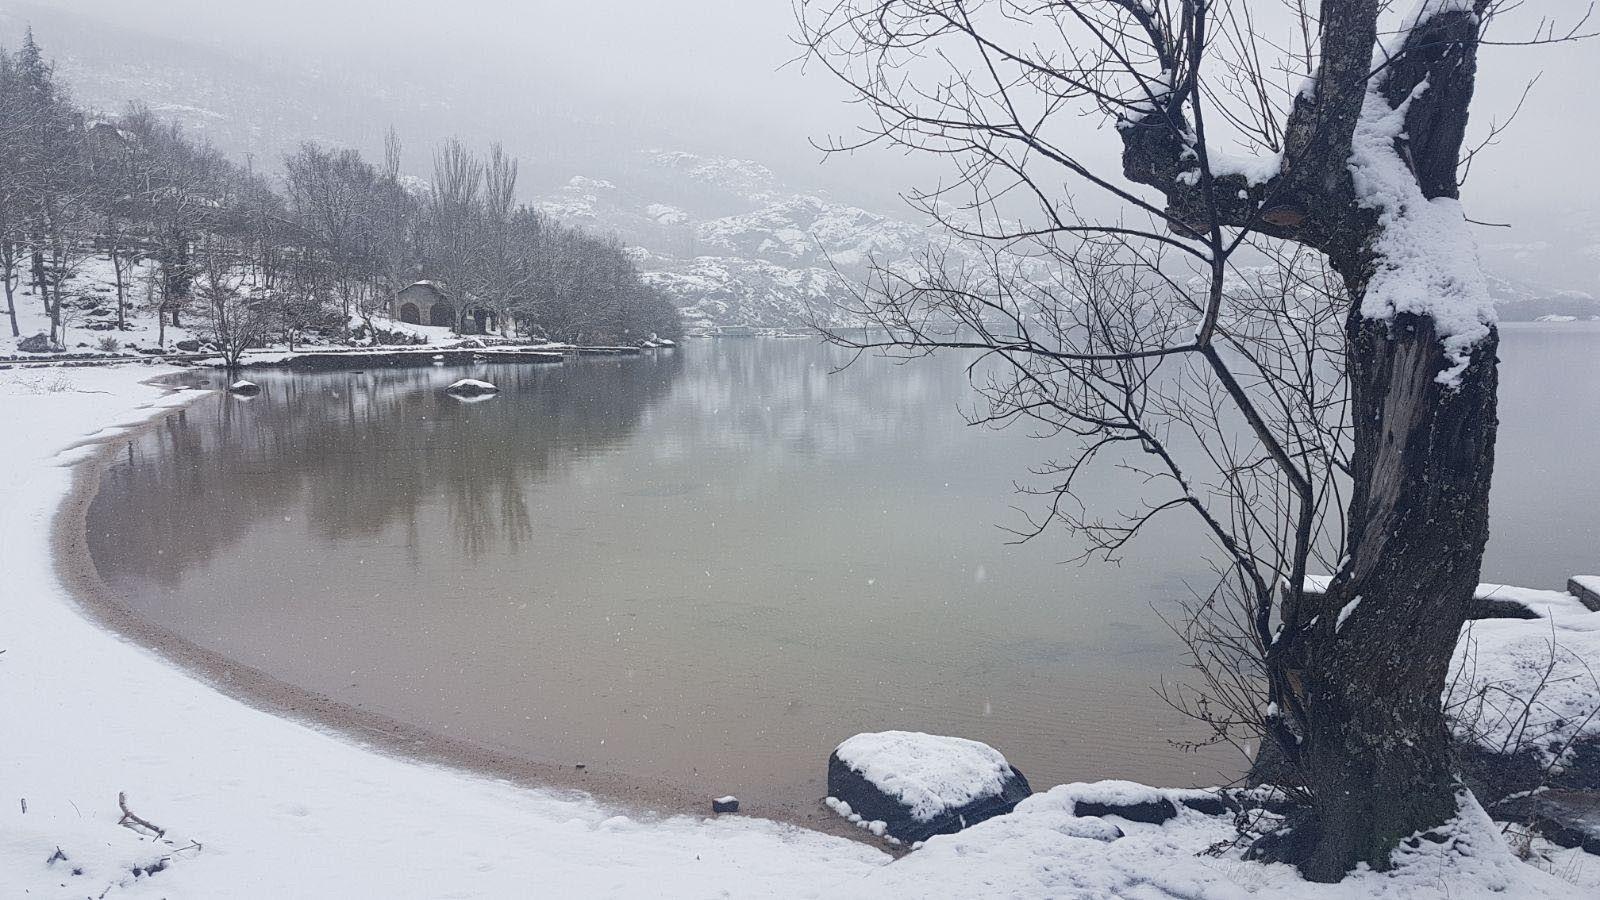 Lago sanabria nieve 01